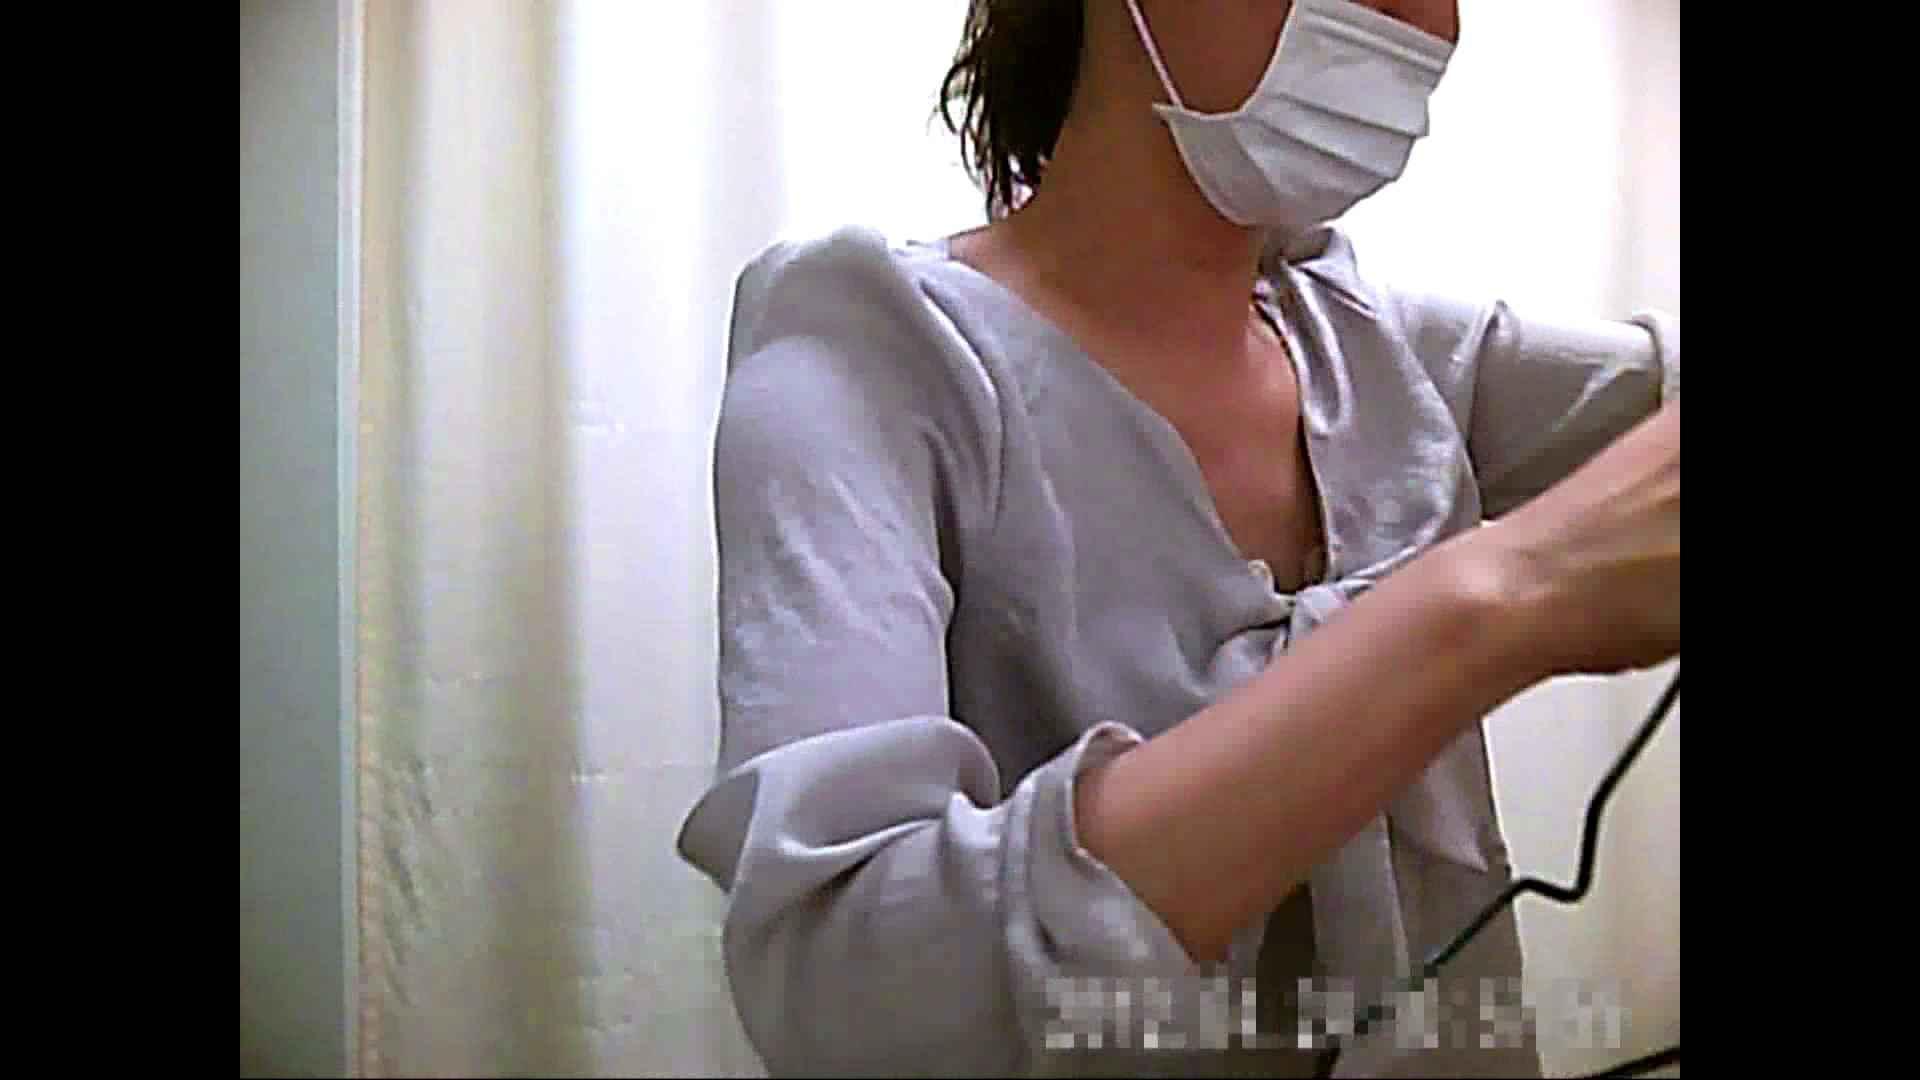 元医者による反抗 更衣室地獄絵巻 vol.010 ギャル攻め オメコ動画キャプチャ 100画像 32